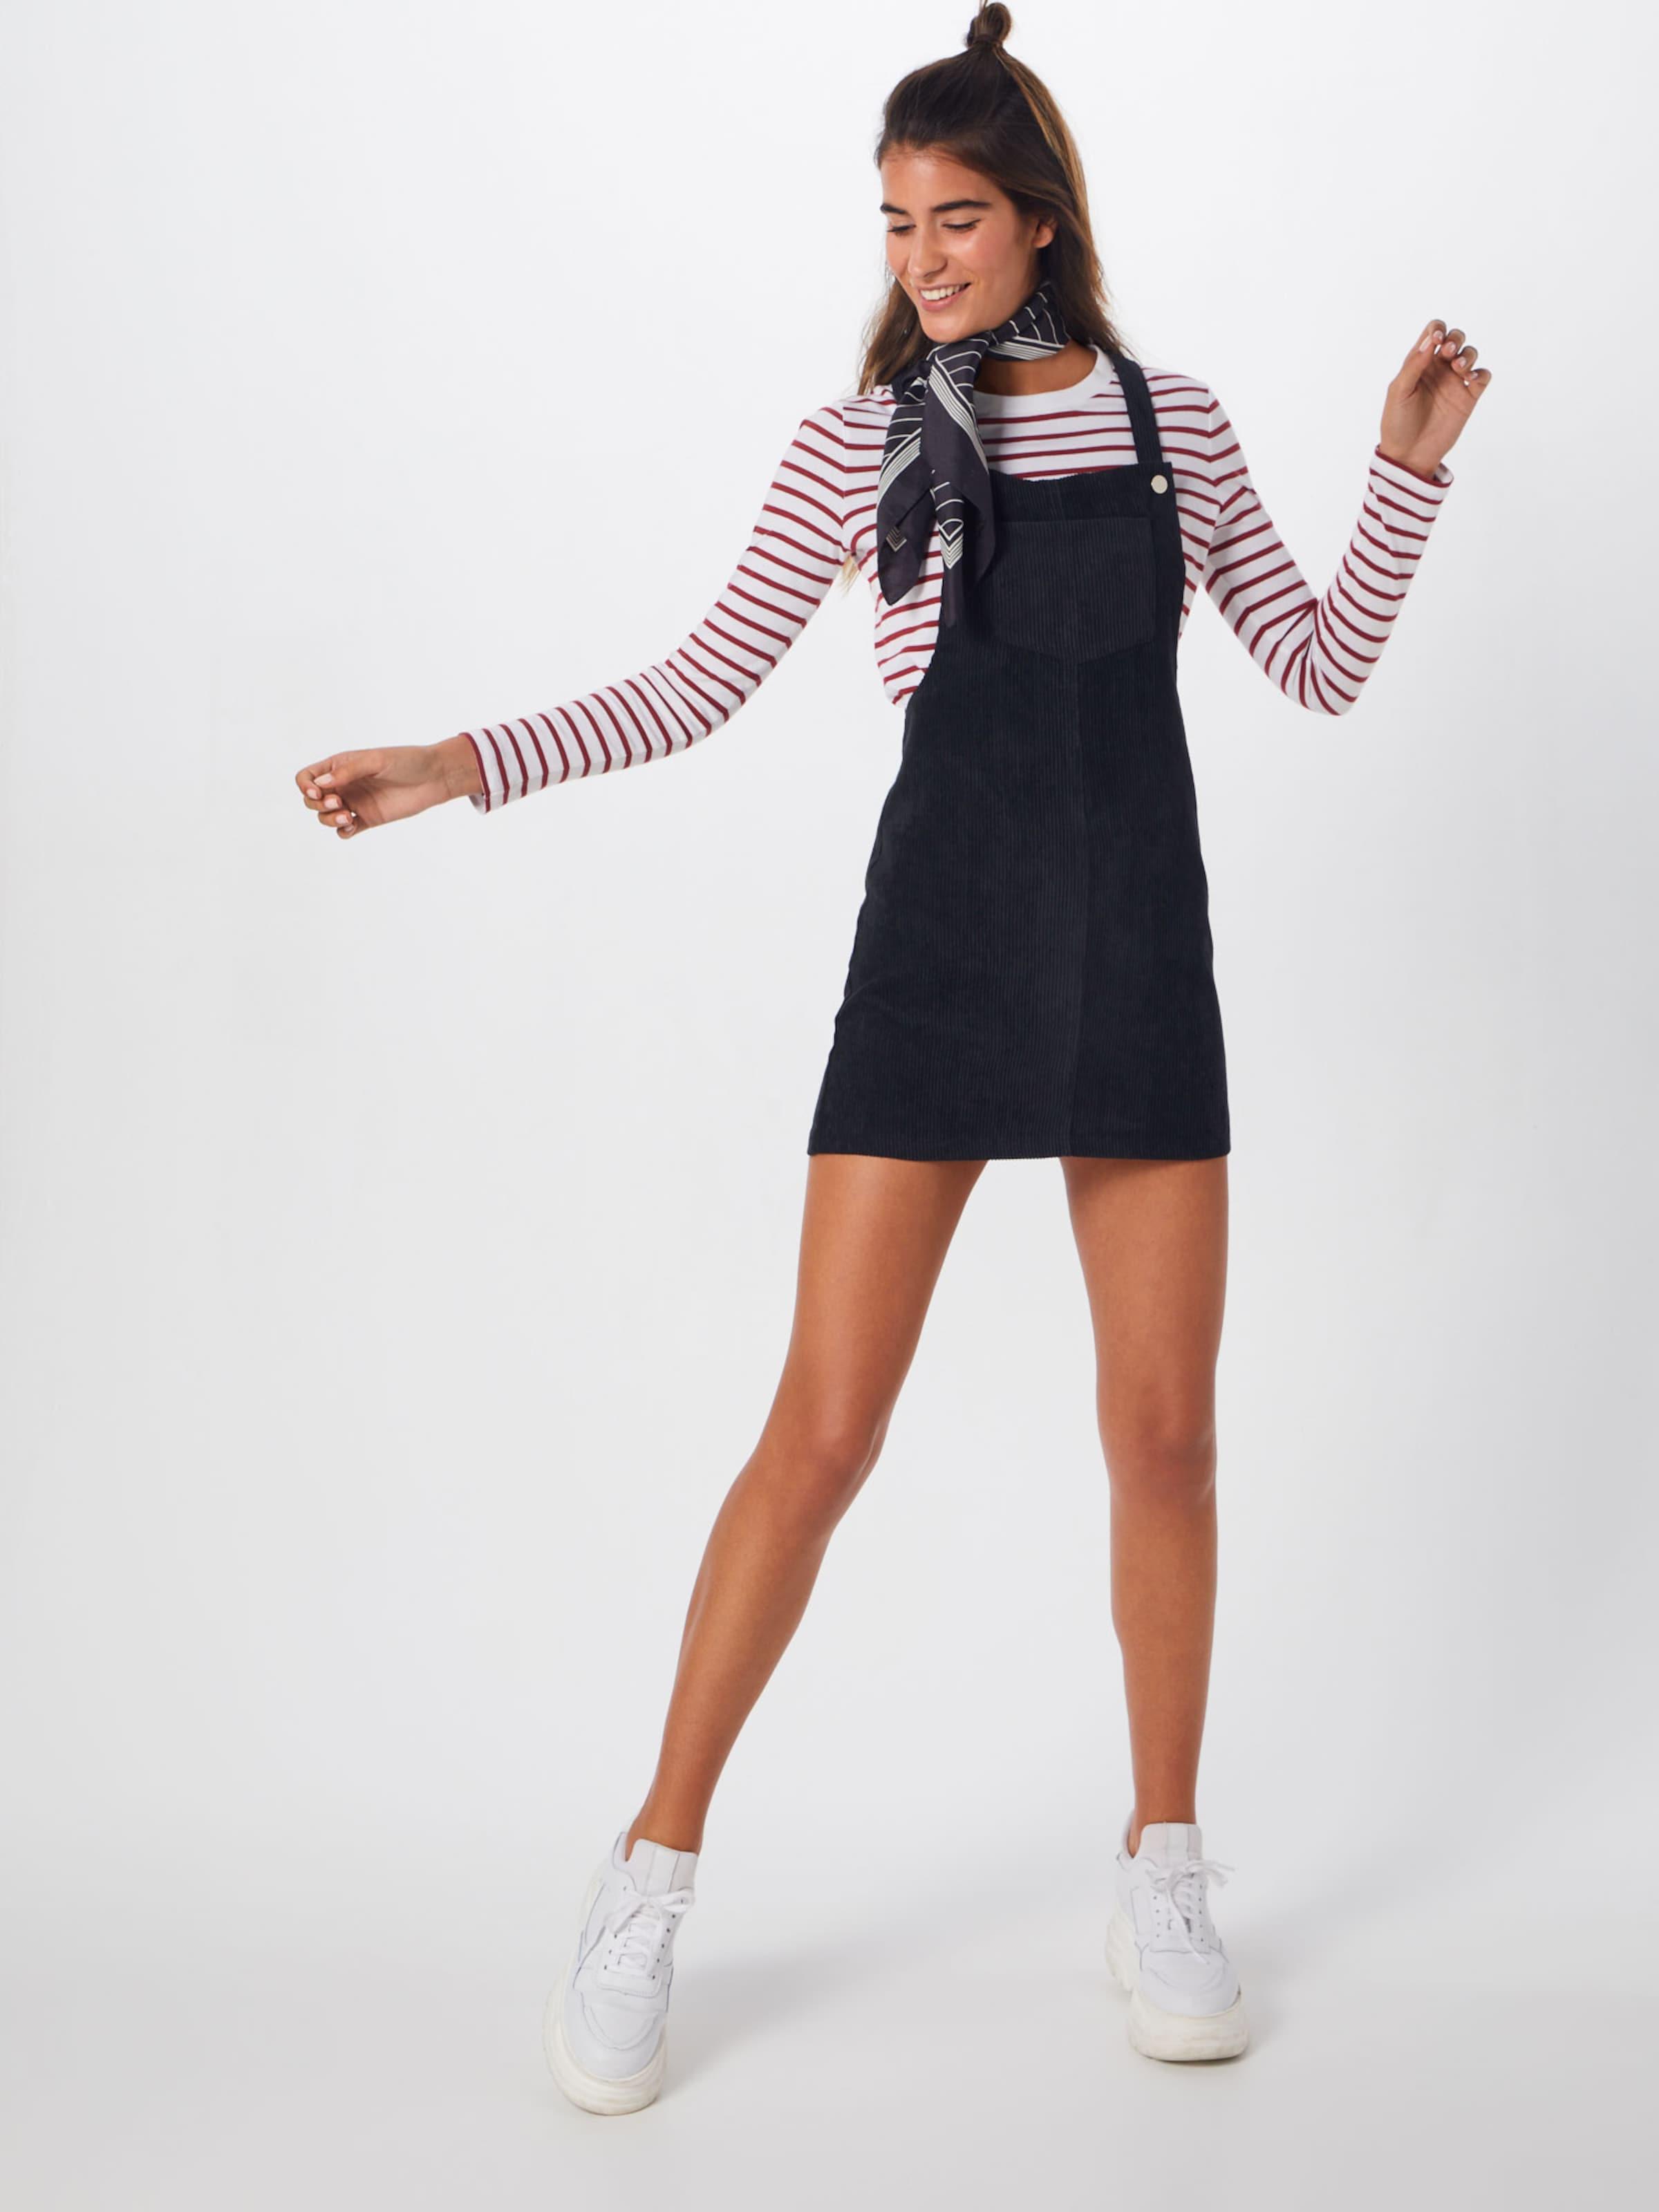 'corduroy Noir salopette Dress' Pinafore Jupe Missguided En nOkXPw80